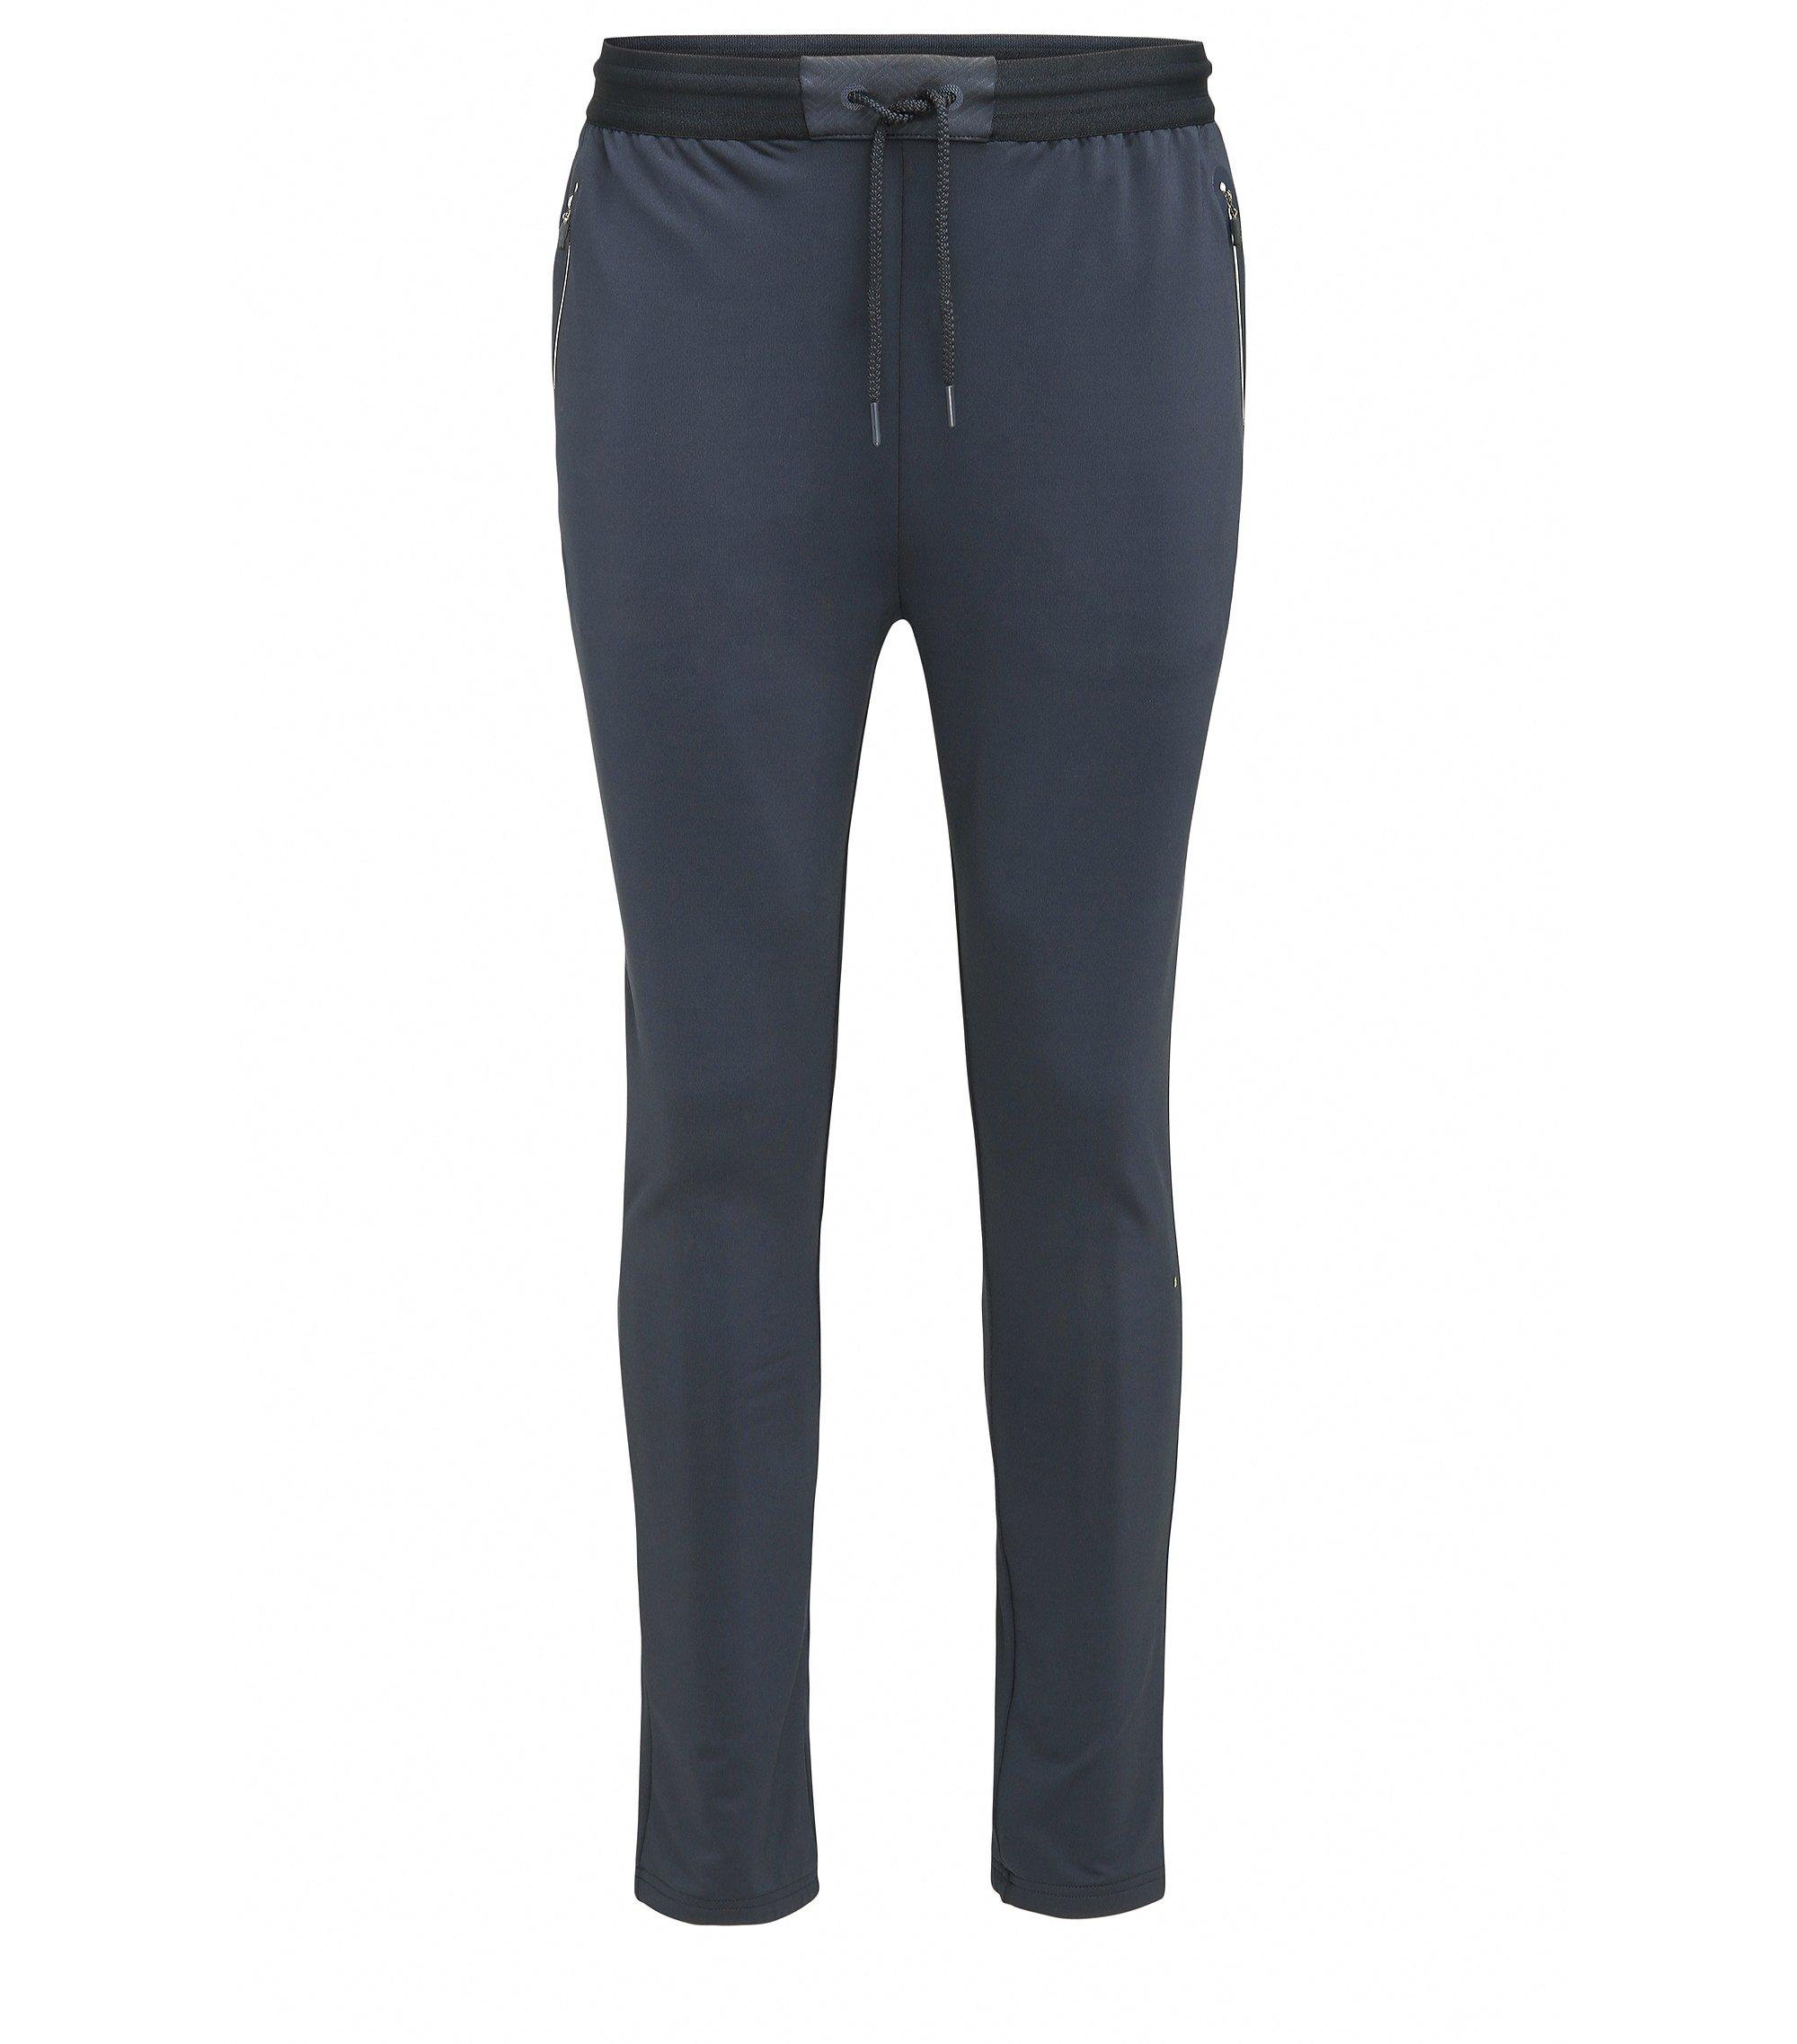 Pantalon Slim Fit en jersey de tissu technique, Bleu foncé